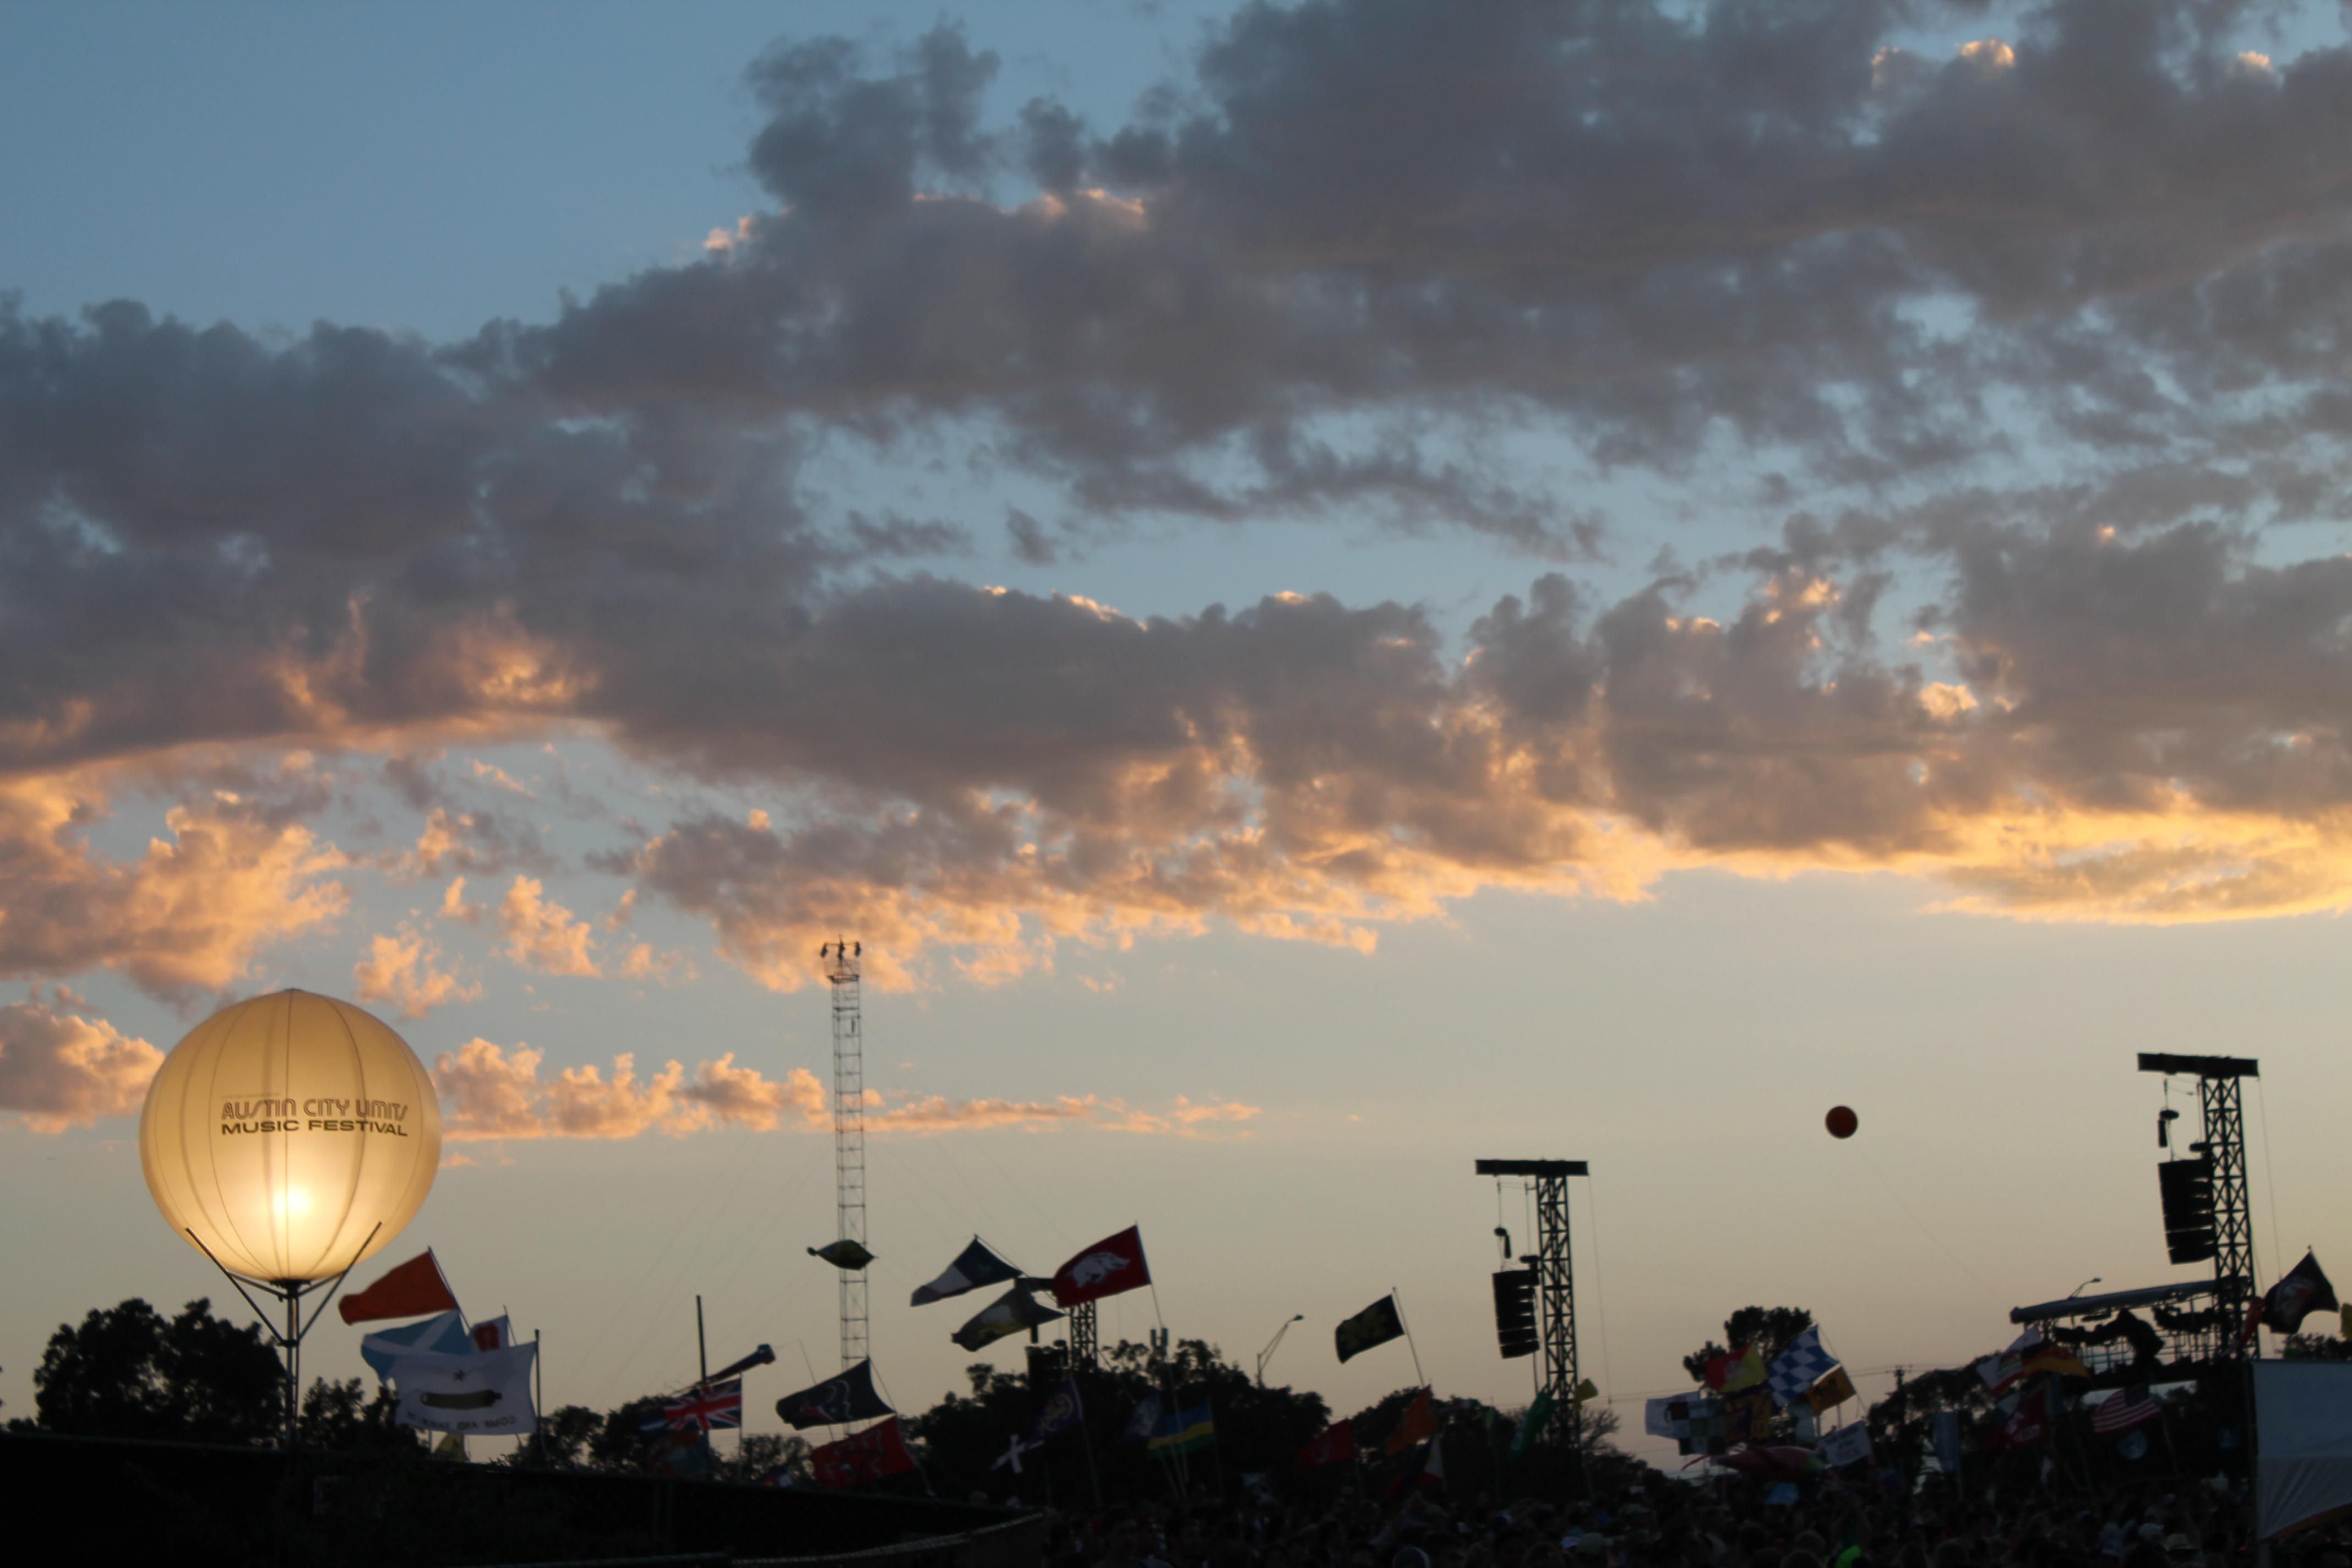 Austin City Limits Sky